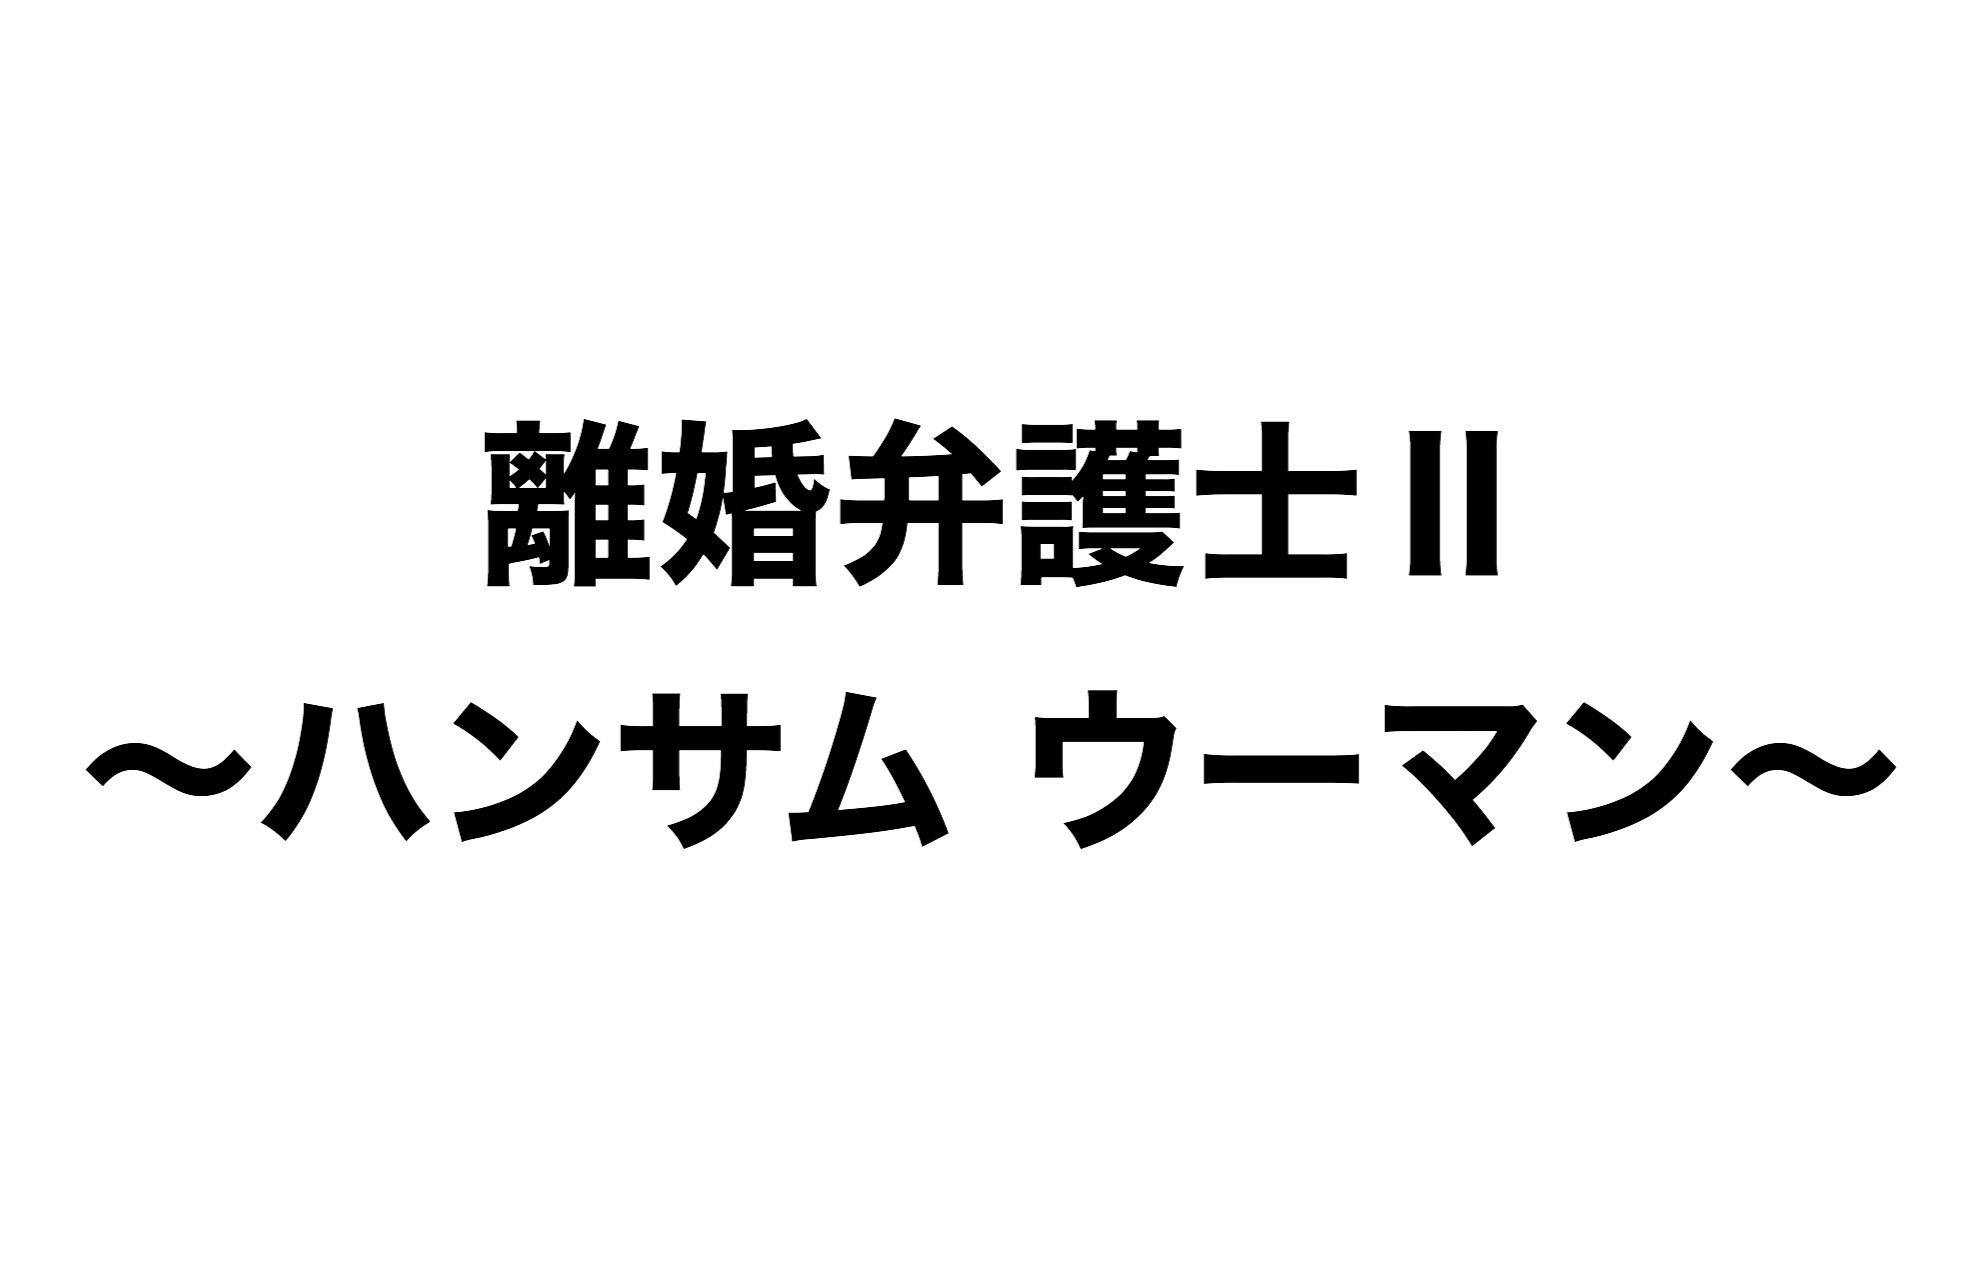 離婚弁護士Ⅱ~ハンサム・ウーマン~再放送予定